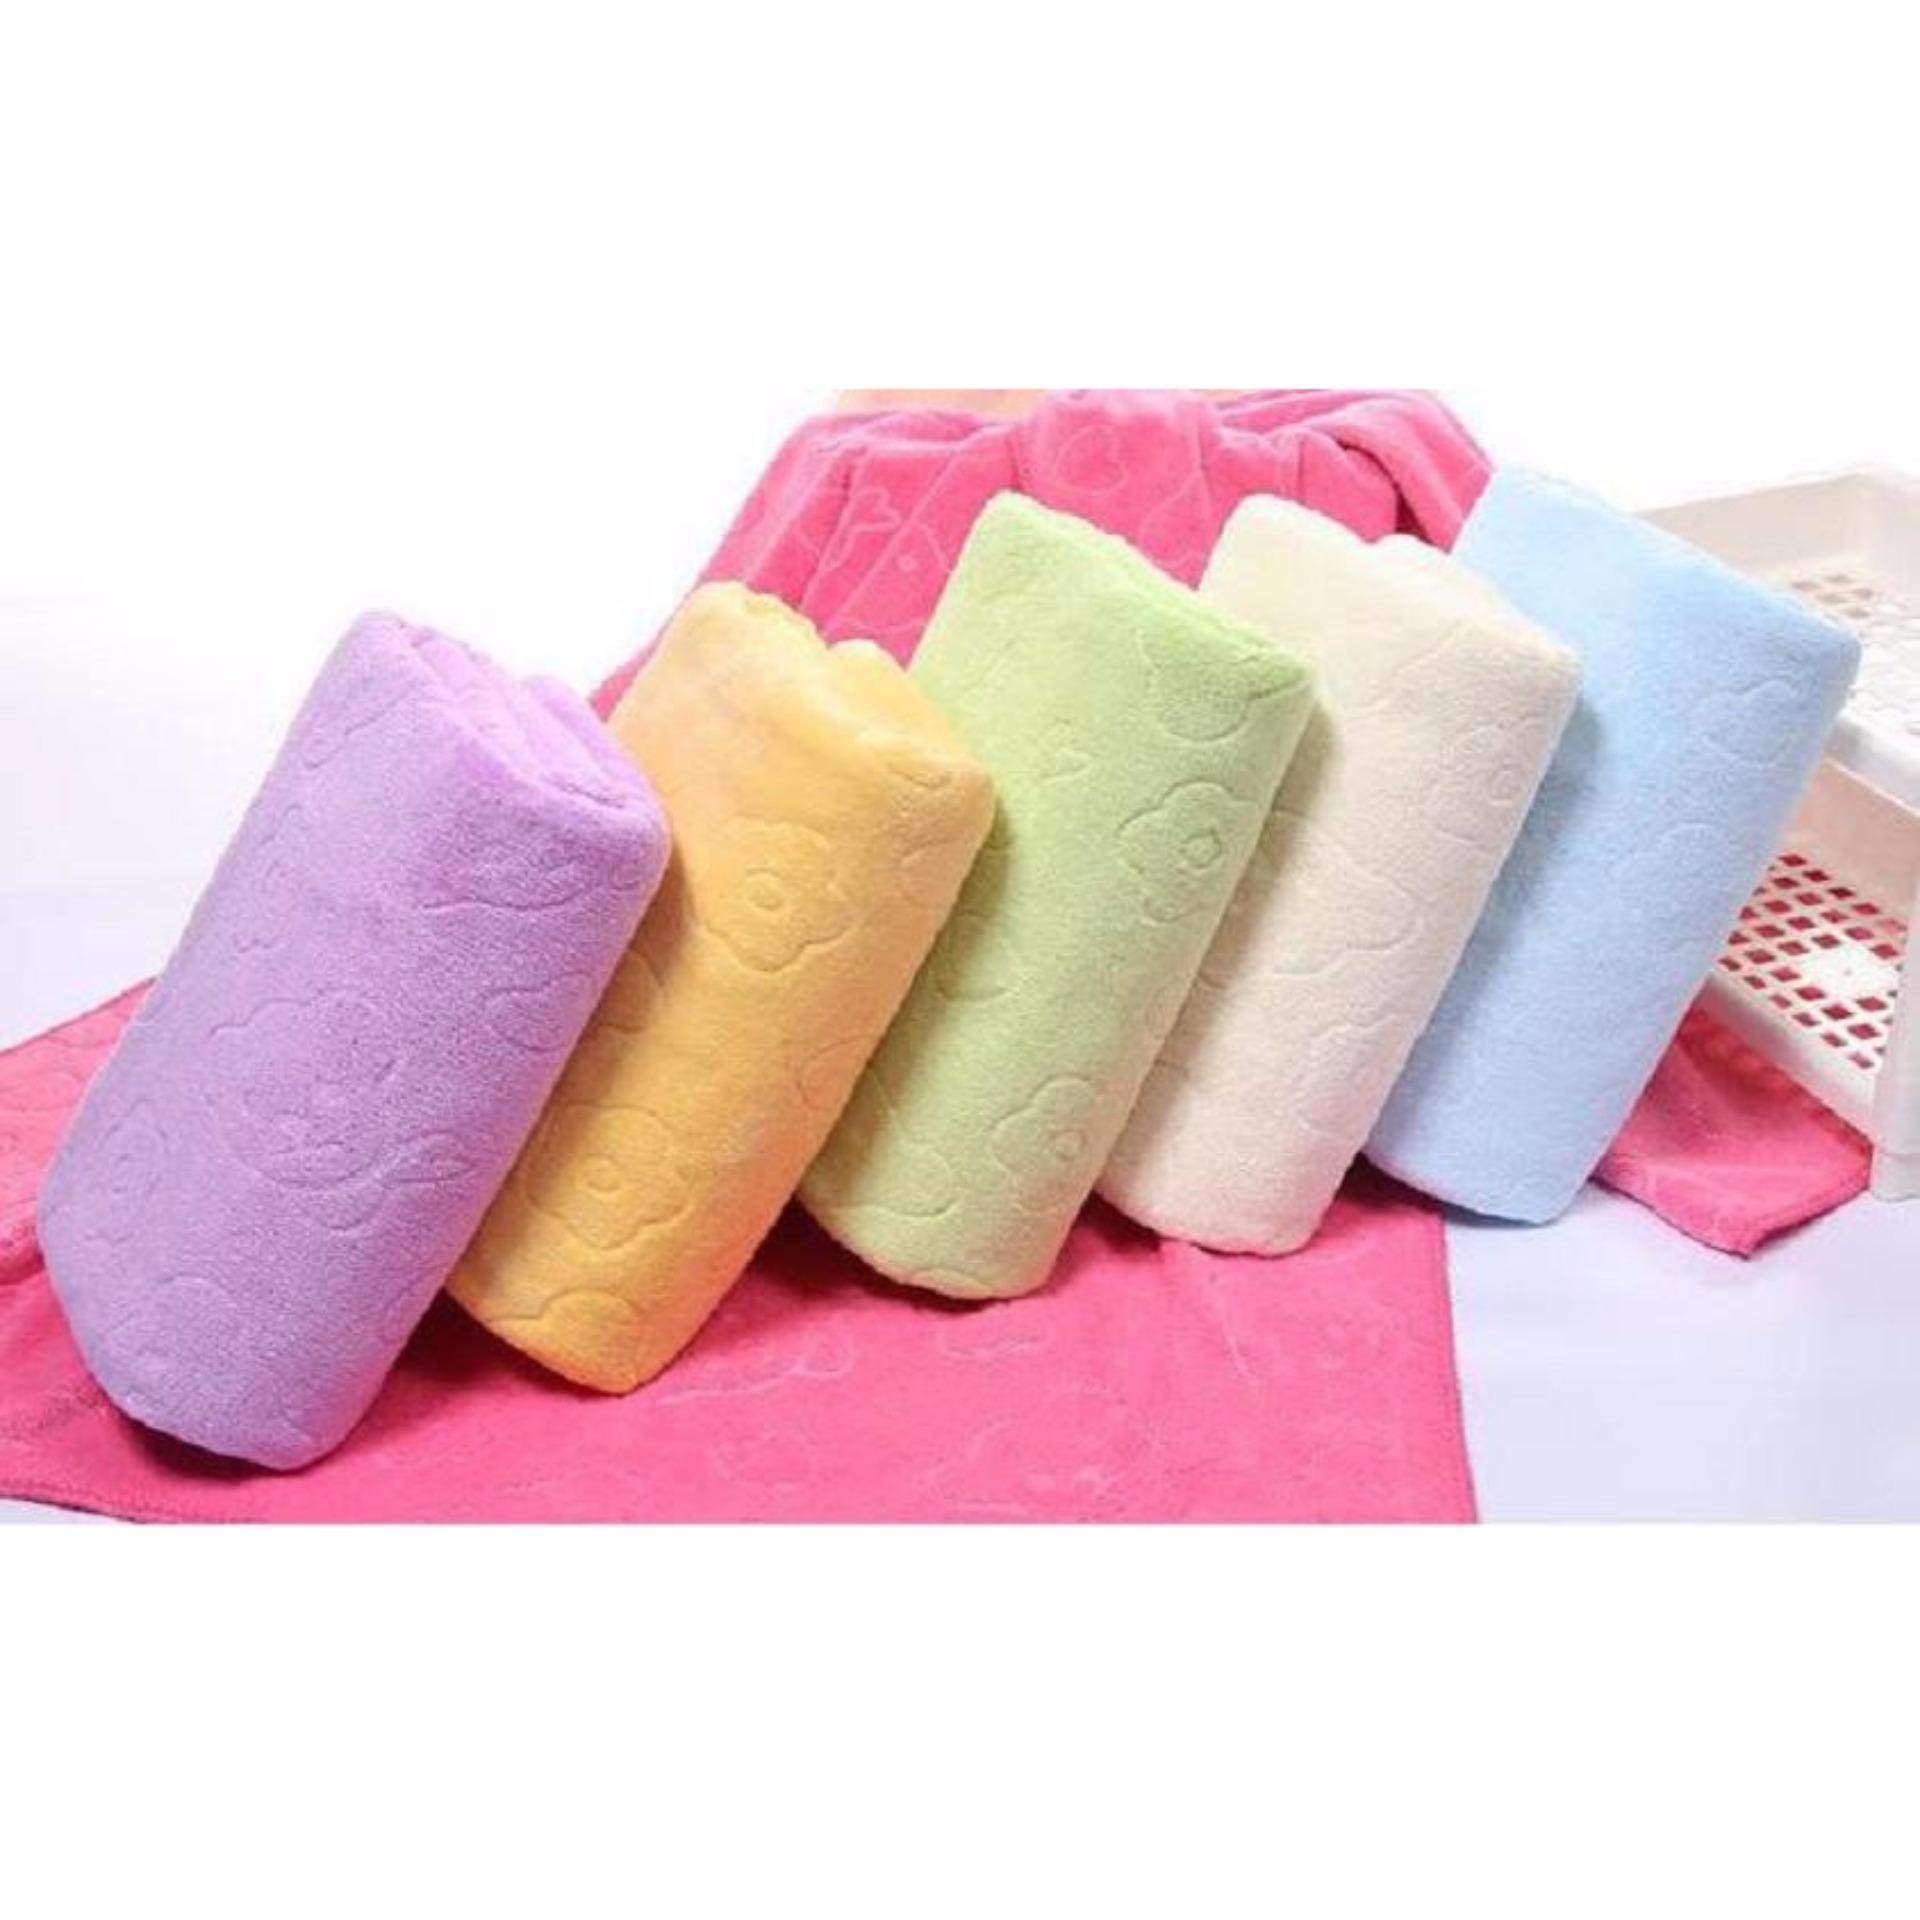 Cập Nhật Giá Bộ 3 khăn tắm, khăn mặt, khăn lau tóc cao cấp loại in chìm (vàng nhạt) – (BQ271-VANGNHAT)